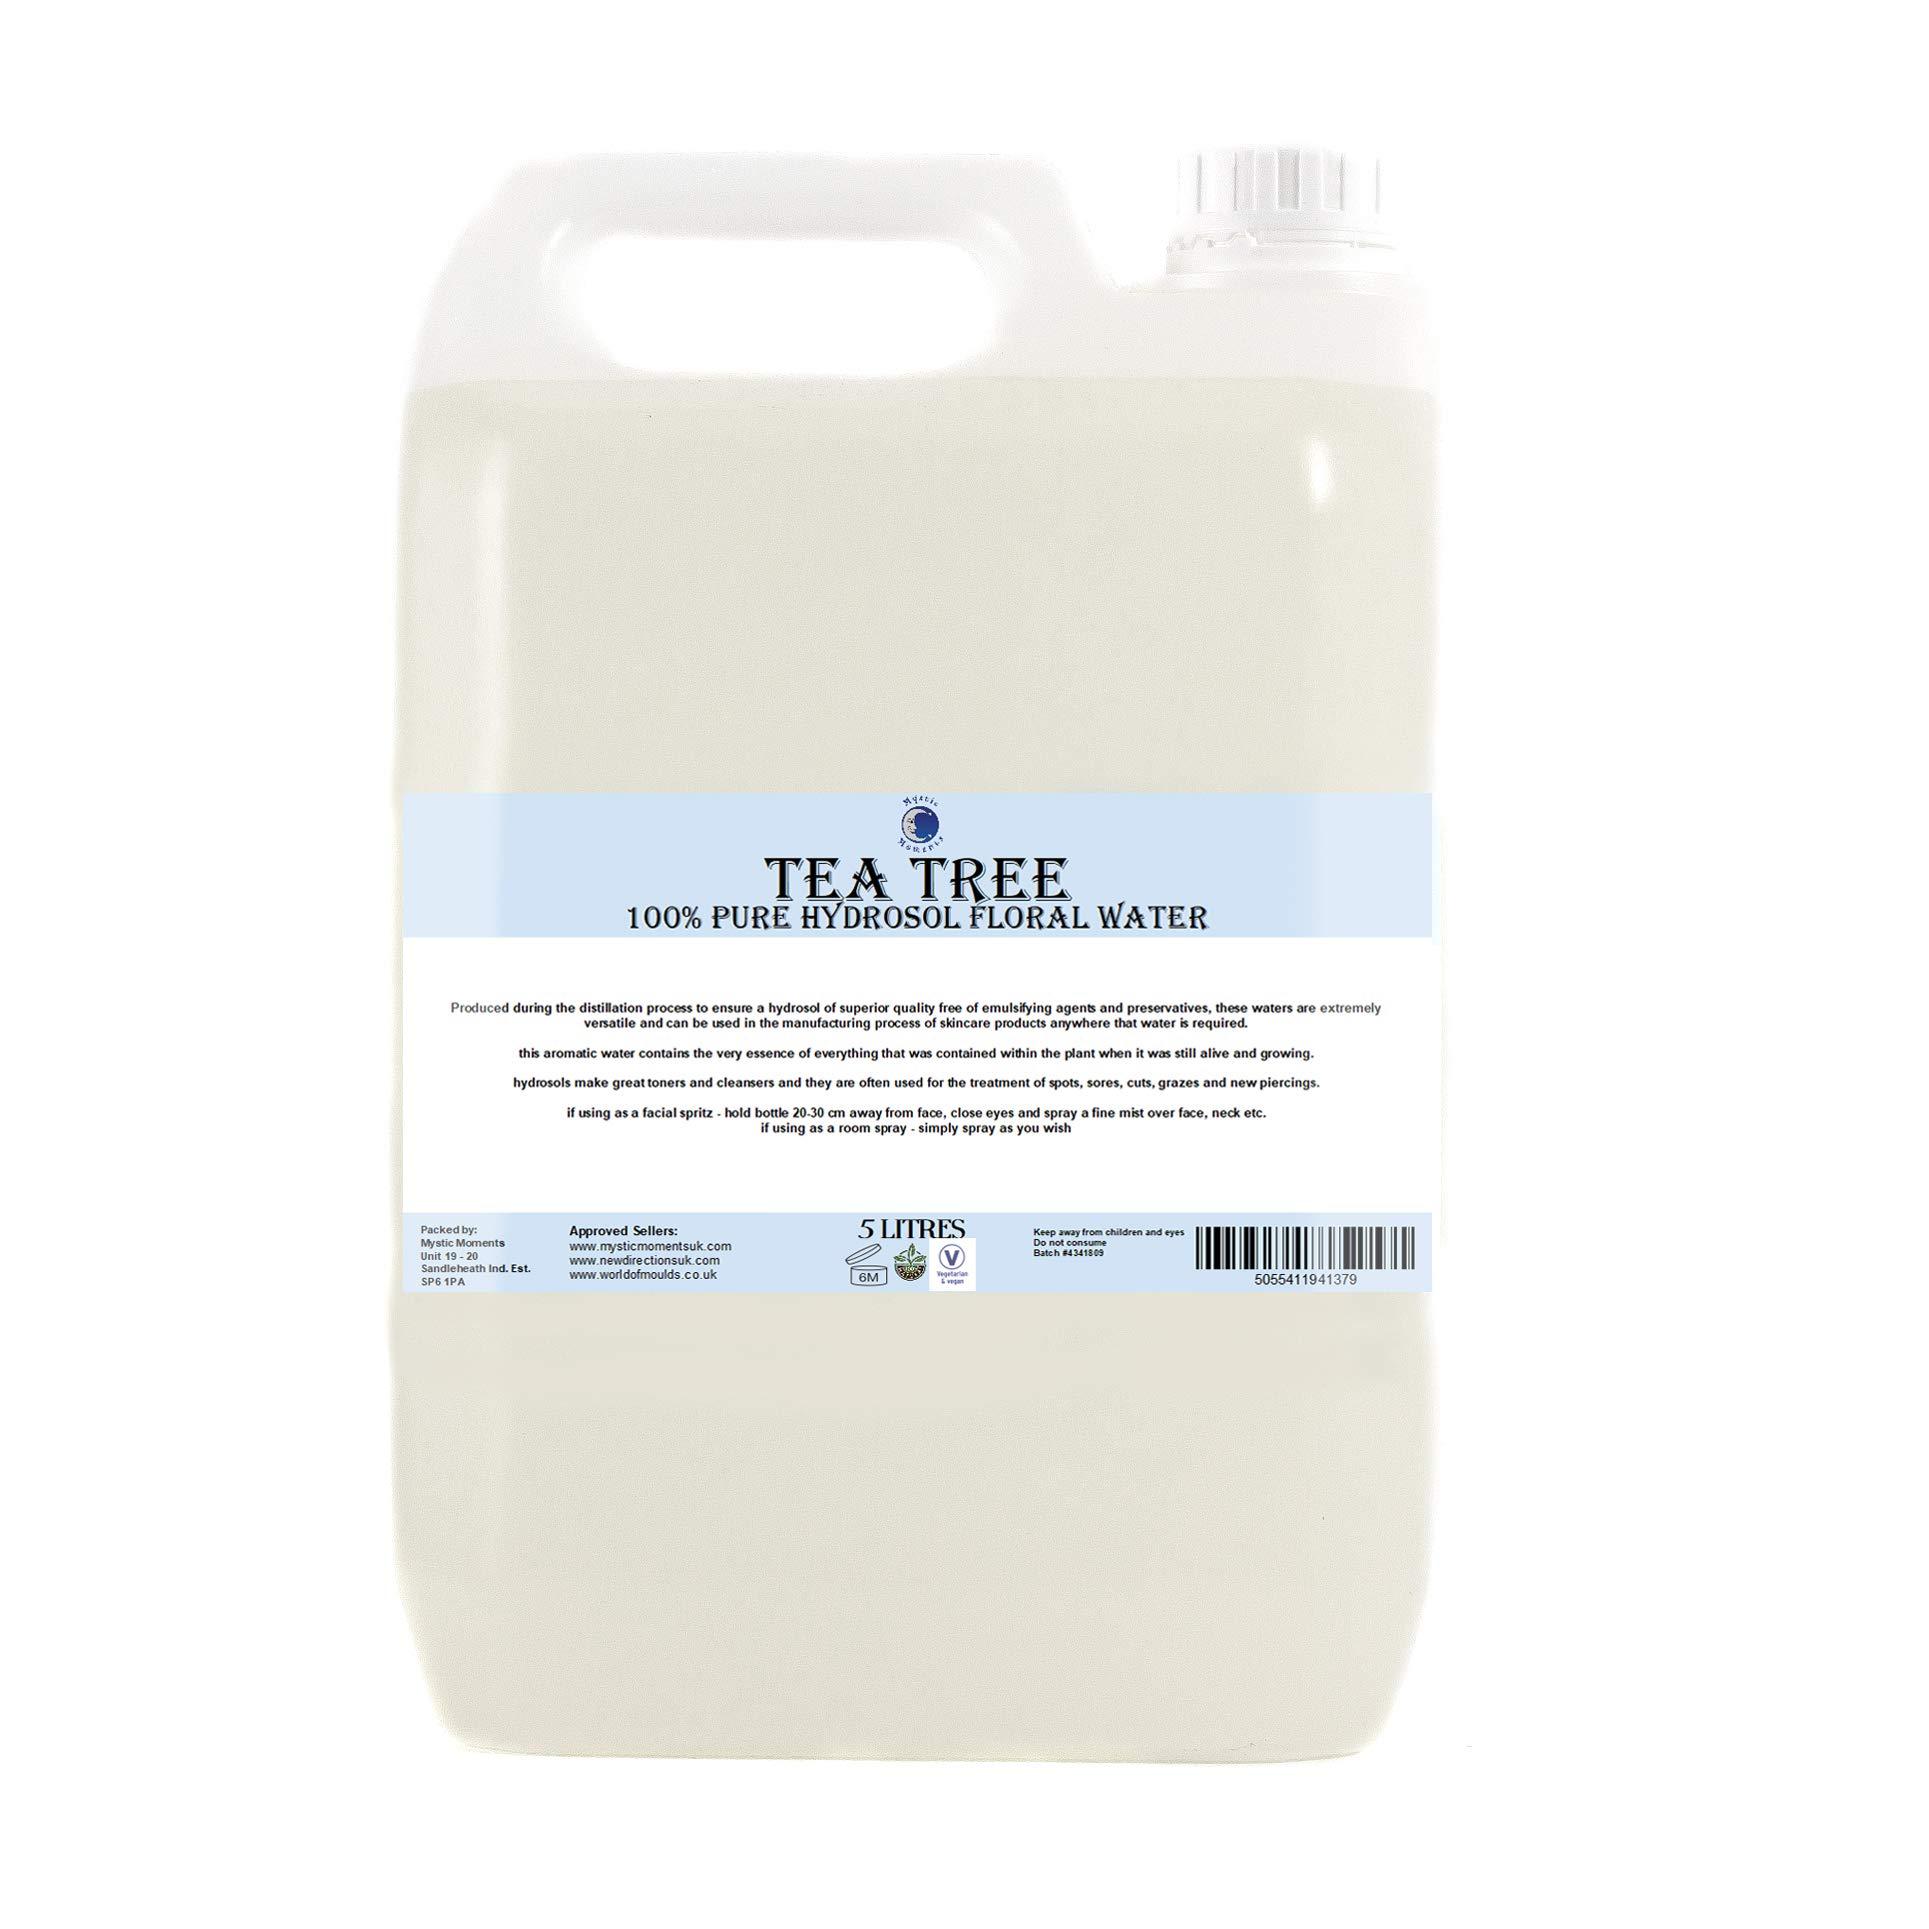 Tea Tree Hydrosol Floral Water - 5Kg by BiOrigins (Image #1)